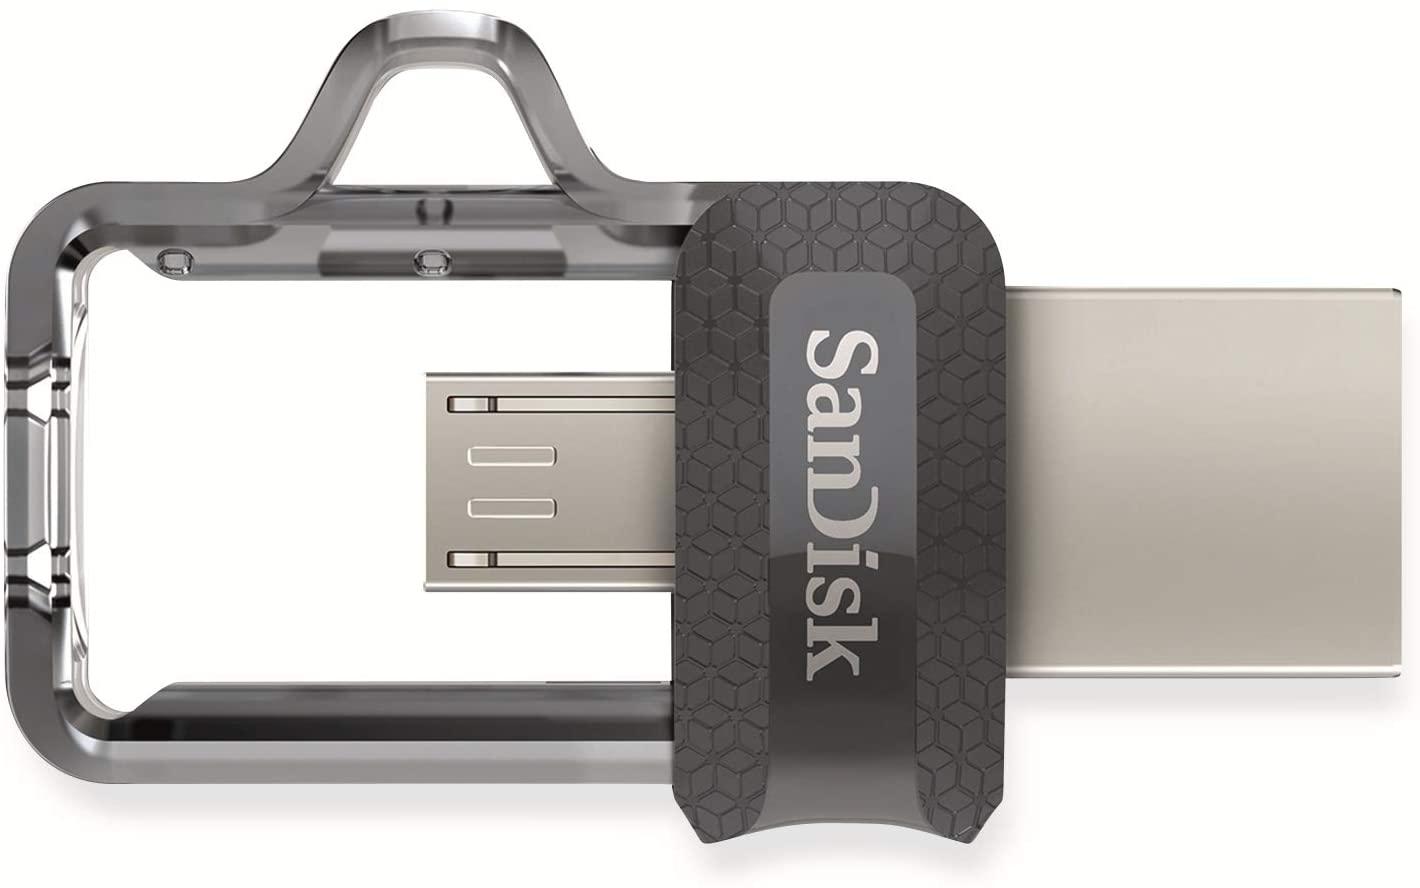 SanDisk Ultra Dual de 128 GB con micro-USB y USB 3.0